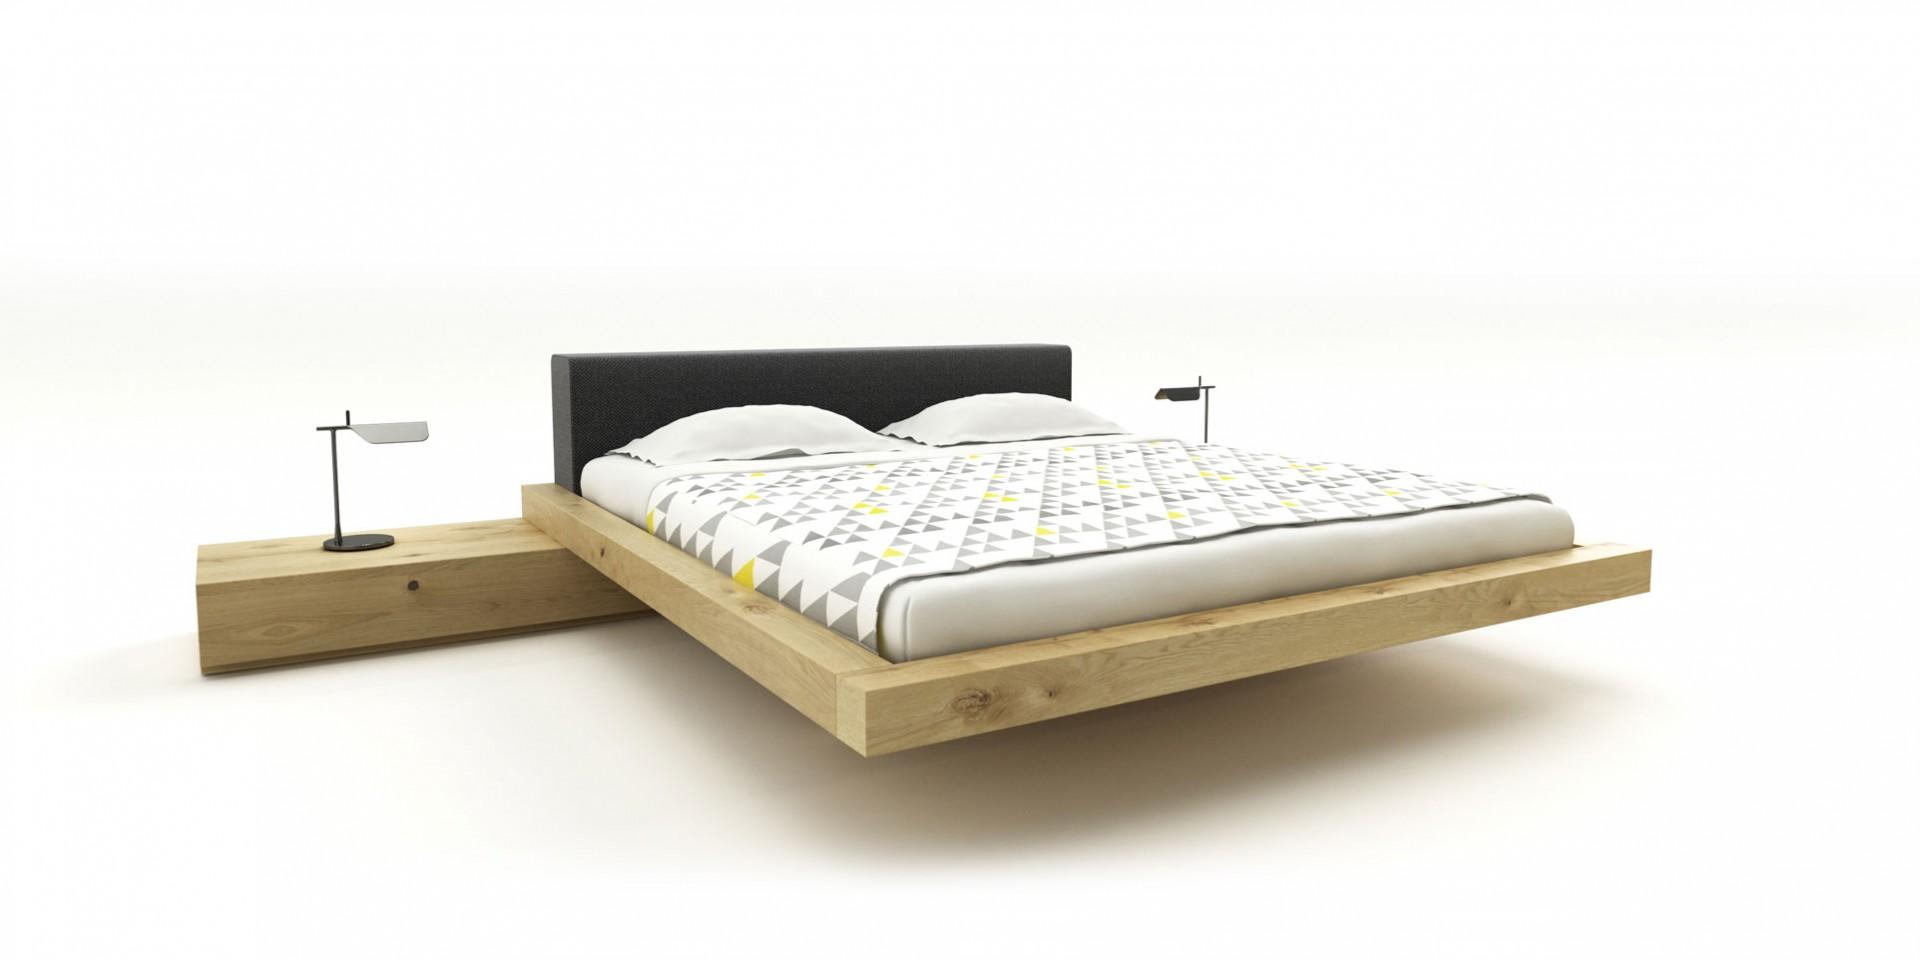 posteľ way z masívneho dubového dreva s látkovým čalúneným čelom, masívna drevená posteľ, dubová posteľ